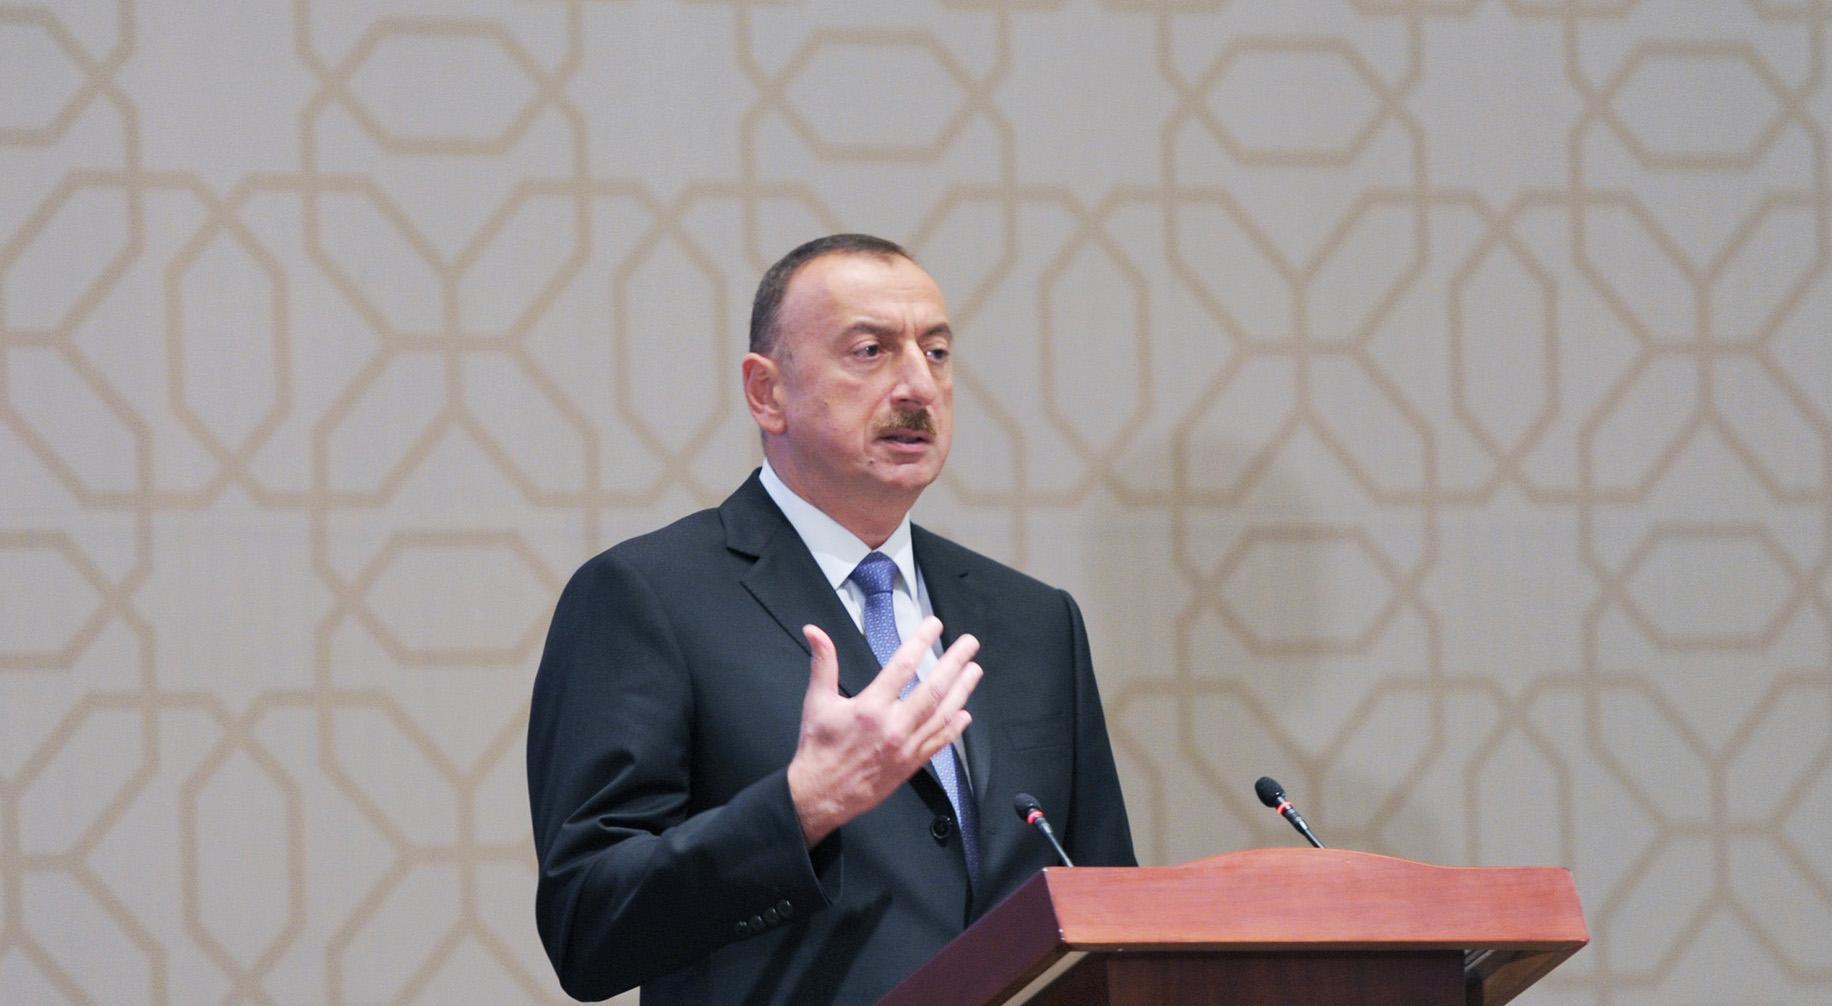 Президент: В Азербайджане обеспечиваются основные свободы, в том числе религии, прессы и свободы слова